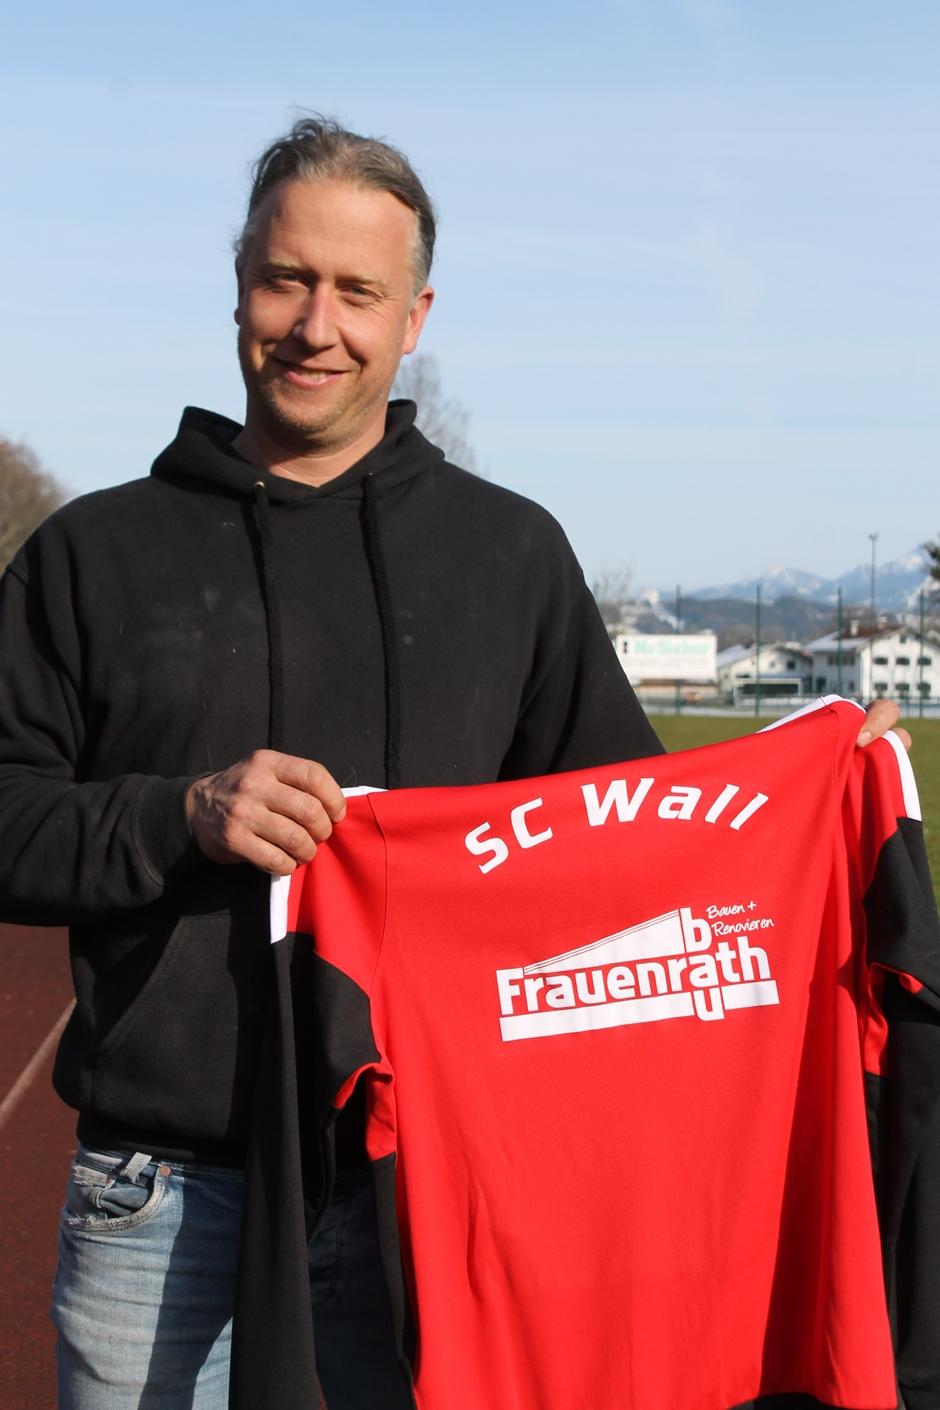 Frauenrath Bau GmbH